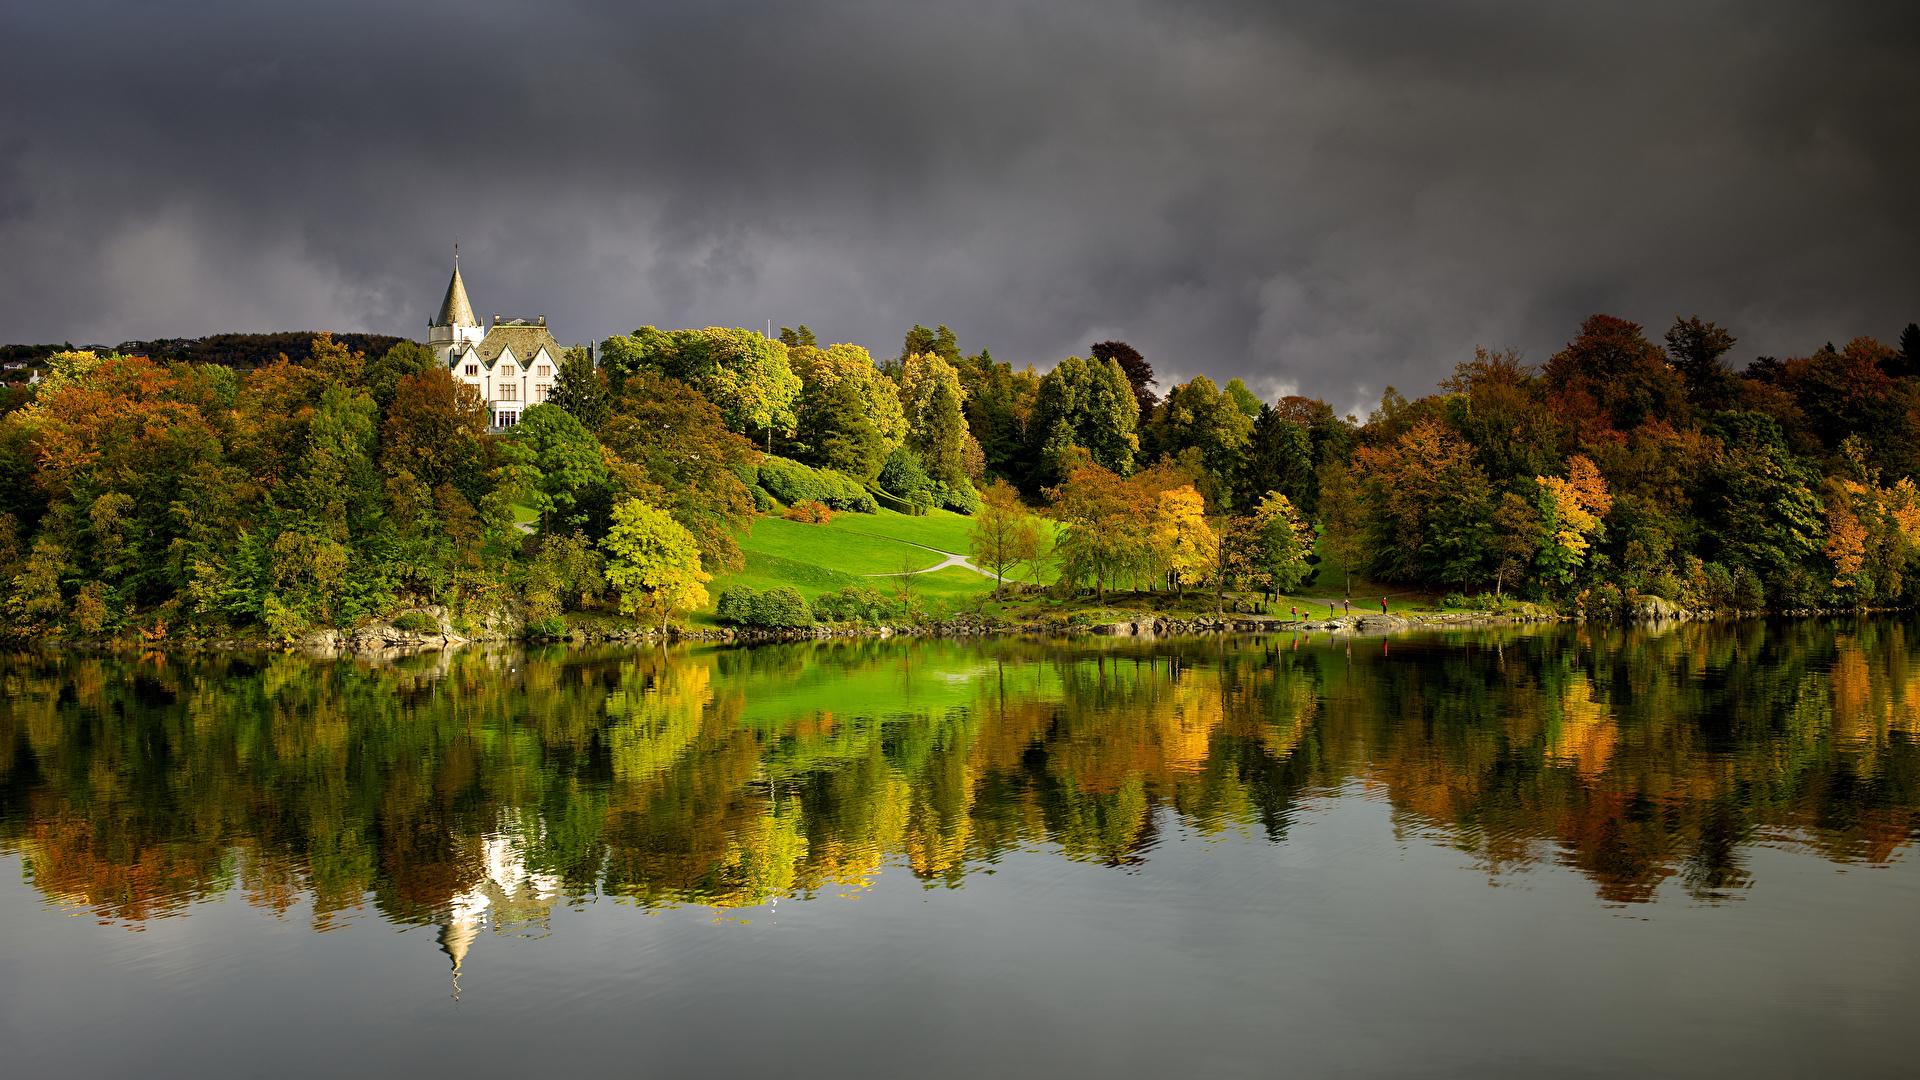 Desktop Wallpapers Bergen Norway Gamlehaugen Nature Autumn